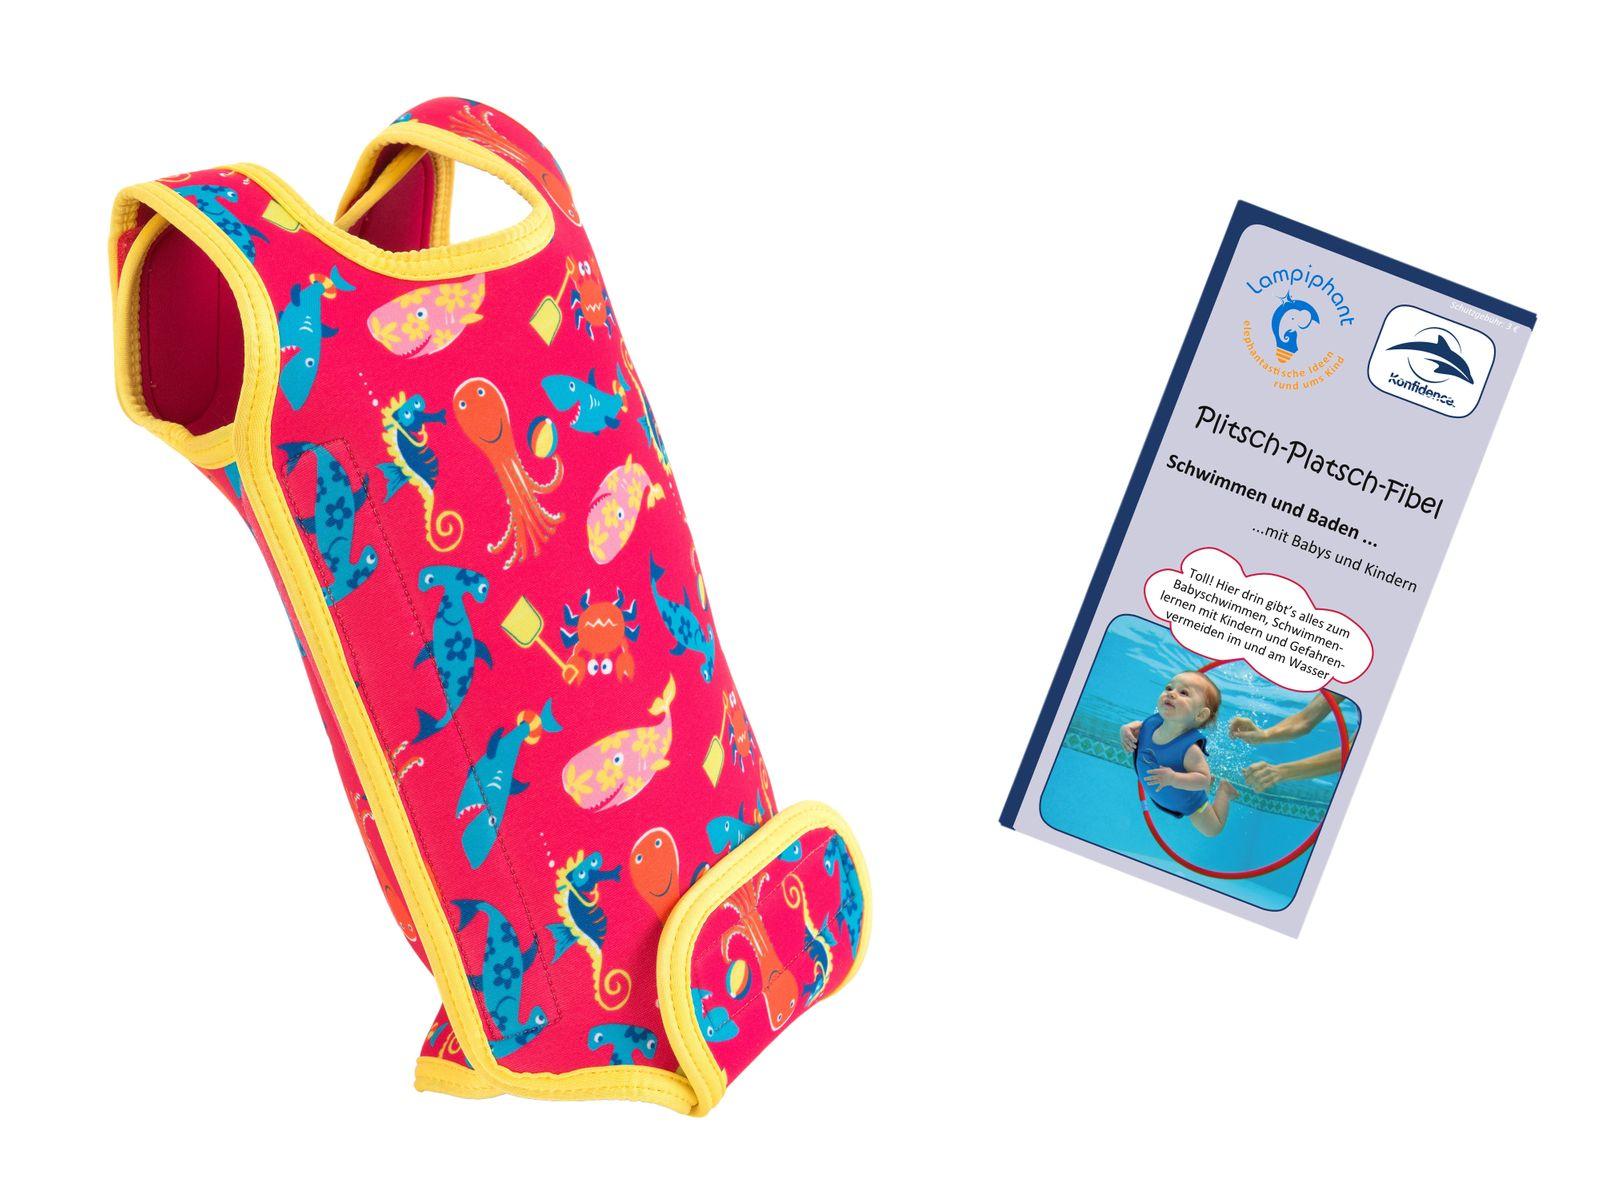 Lampiphant® + Konfidence Babywarma, Schwimm-Anzug mit Plitsch-Platsch-Fibel – Bild 10